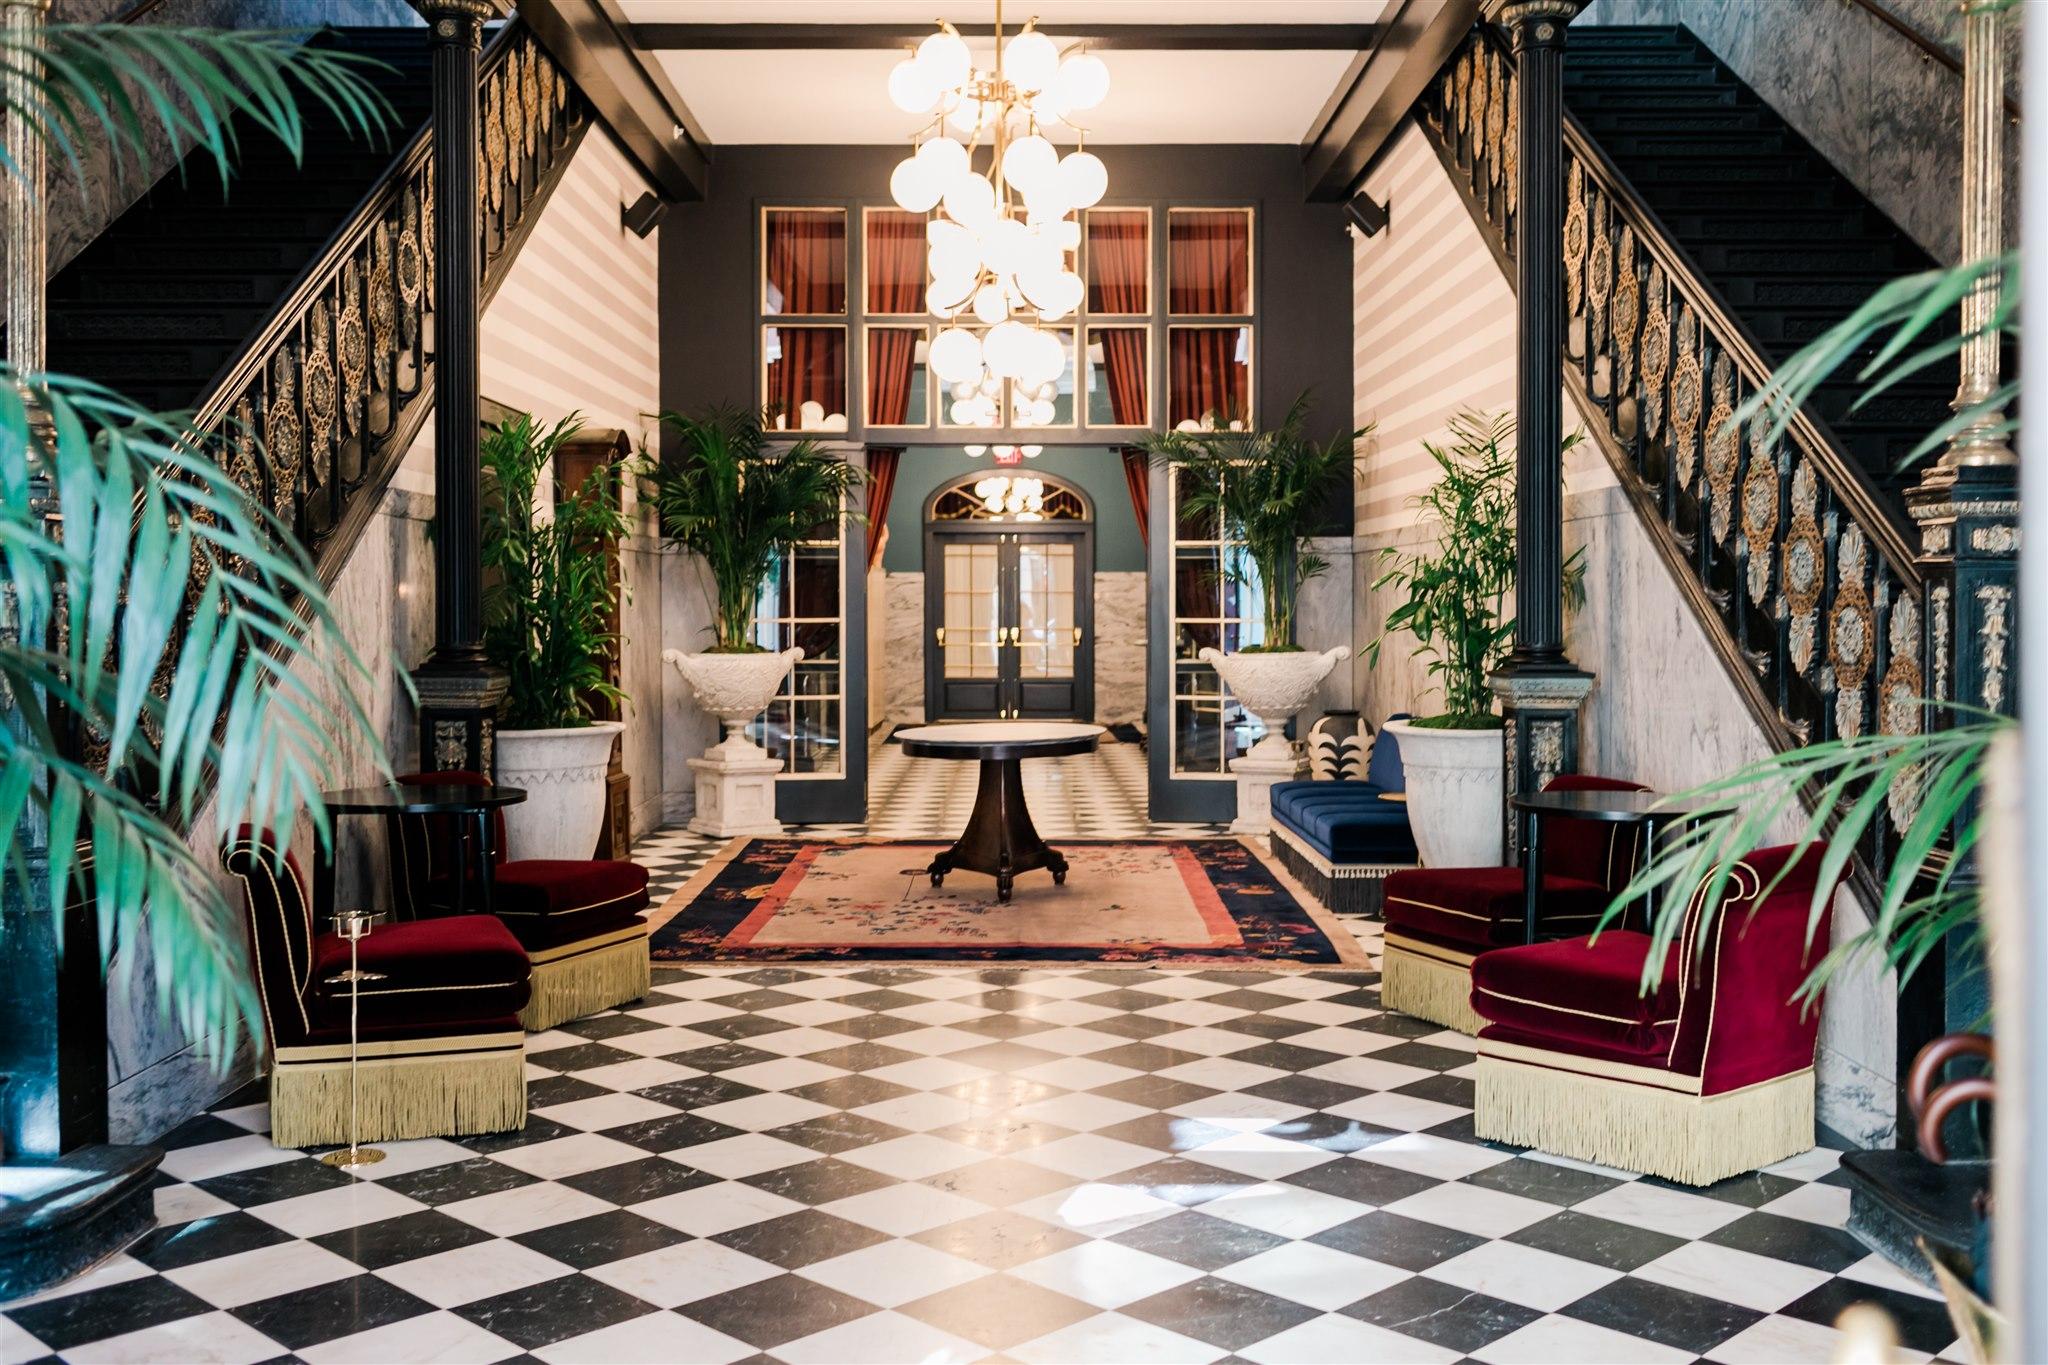 Maison de La Luz, The New Orleans Hotel Inspired By Wes Anderson maison de la luz Maison de La Luz, The New Orleans Hotel Inspired By Wes Anderson EA Honeymoon NOLA FAM Trip Valorie Darling Photography ID3A7975